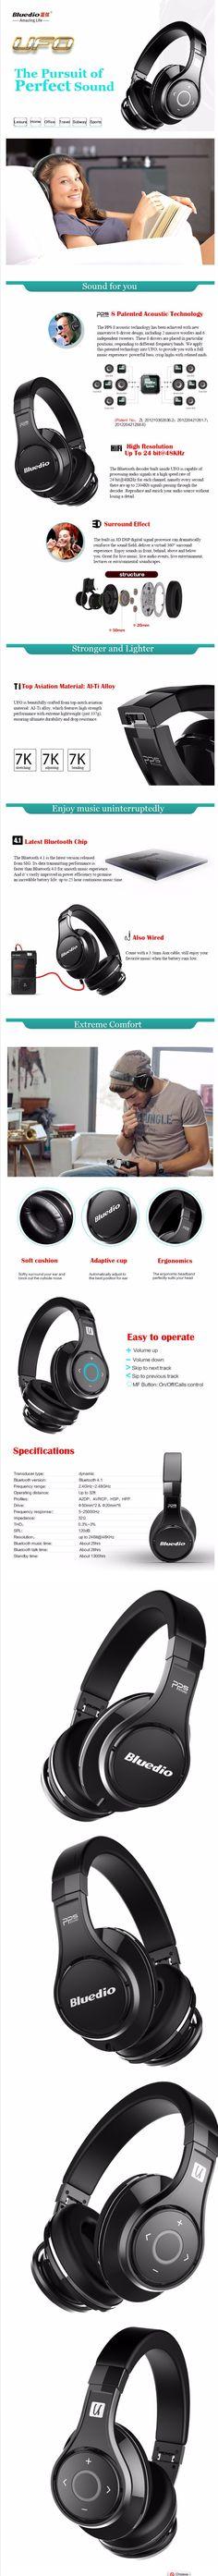 Bluedio U (UFO) High-End cuffie Bluetooth Brevettato 8 Driver/3D Sound/lega di Alluminio/HiFi wireless Over-Ear headphone